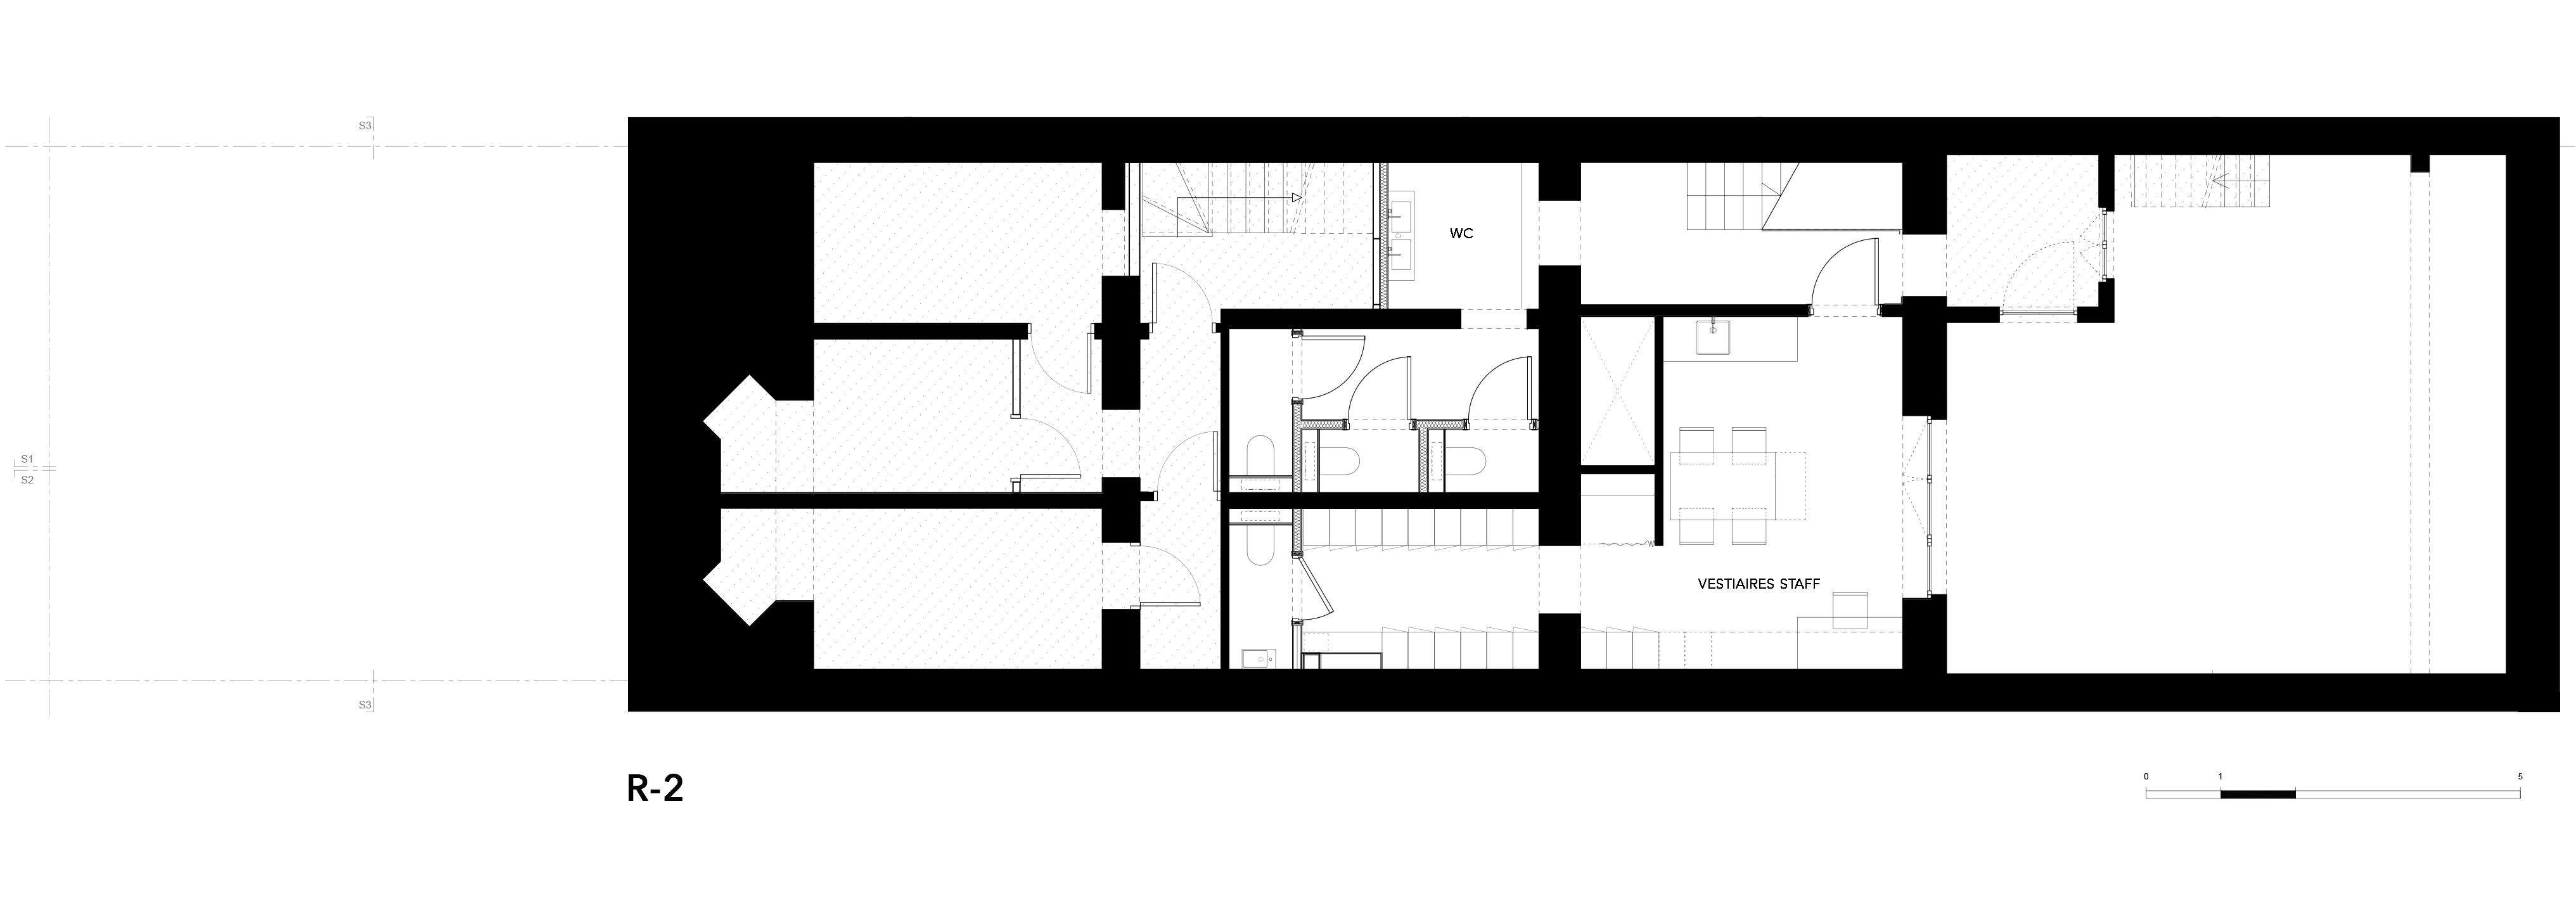 AVW_Nona_Plan-R-2